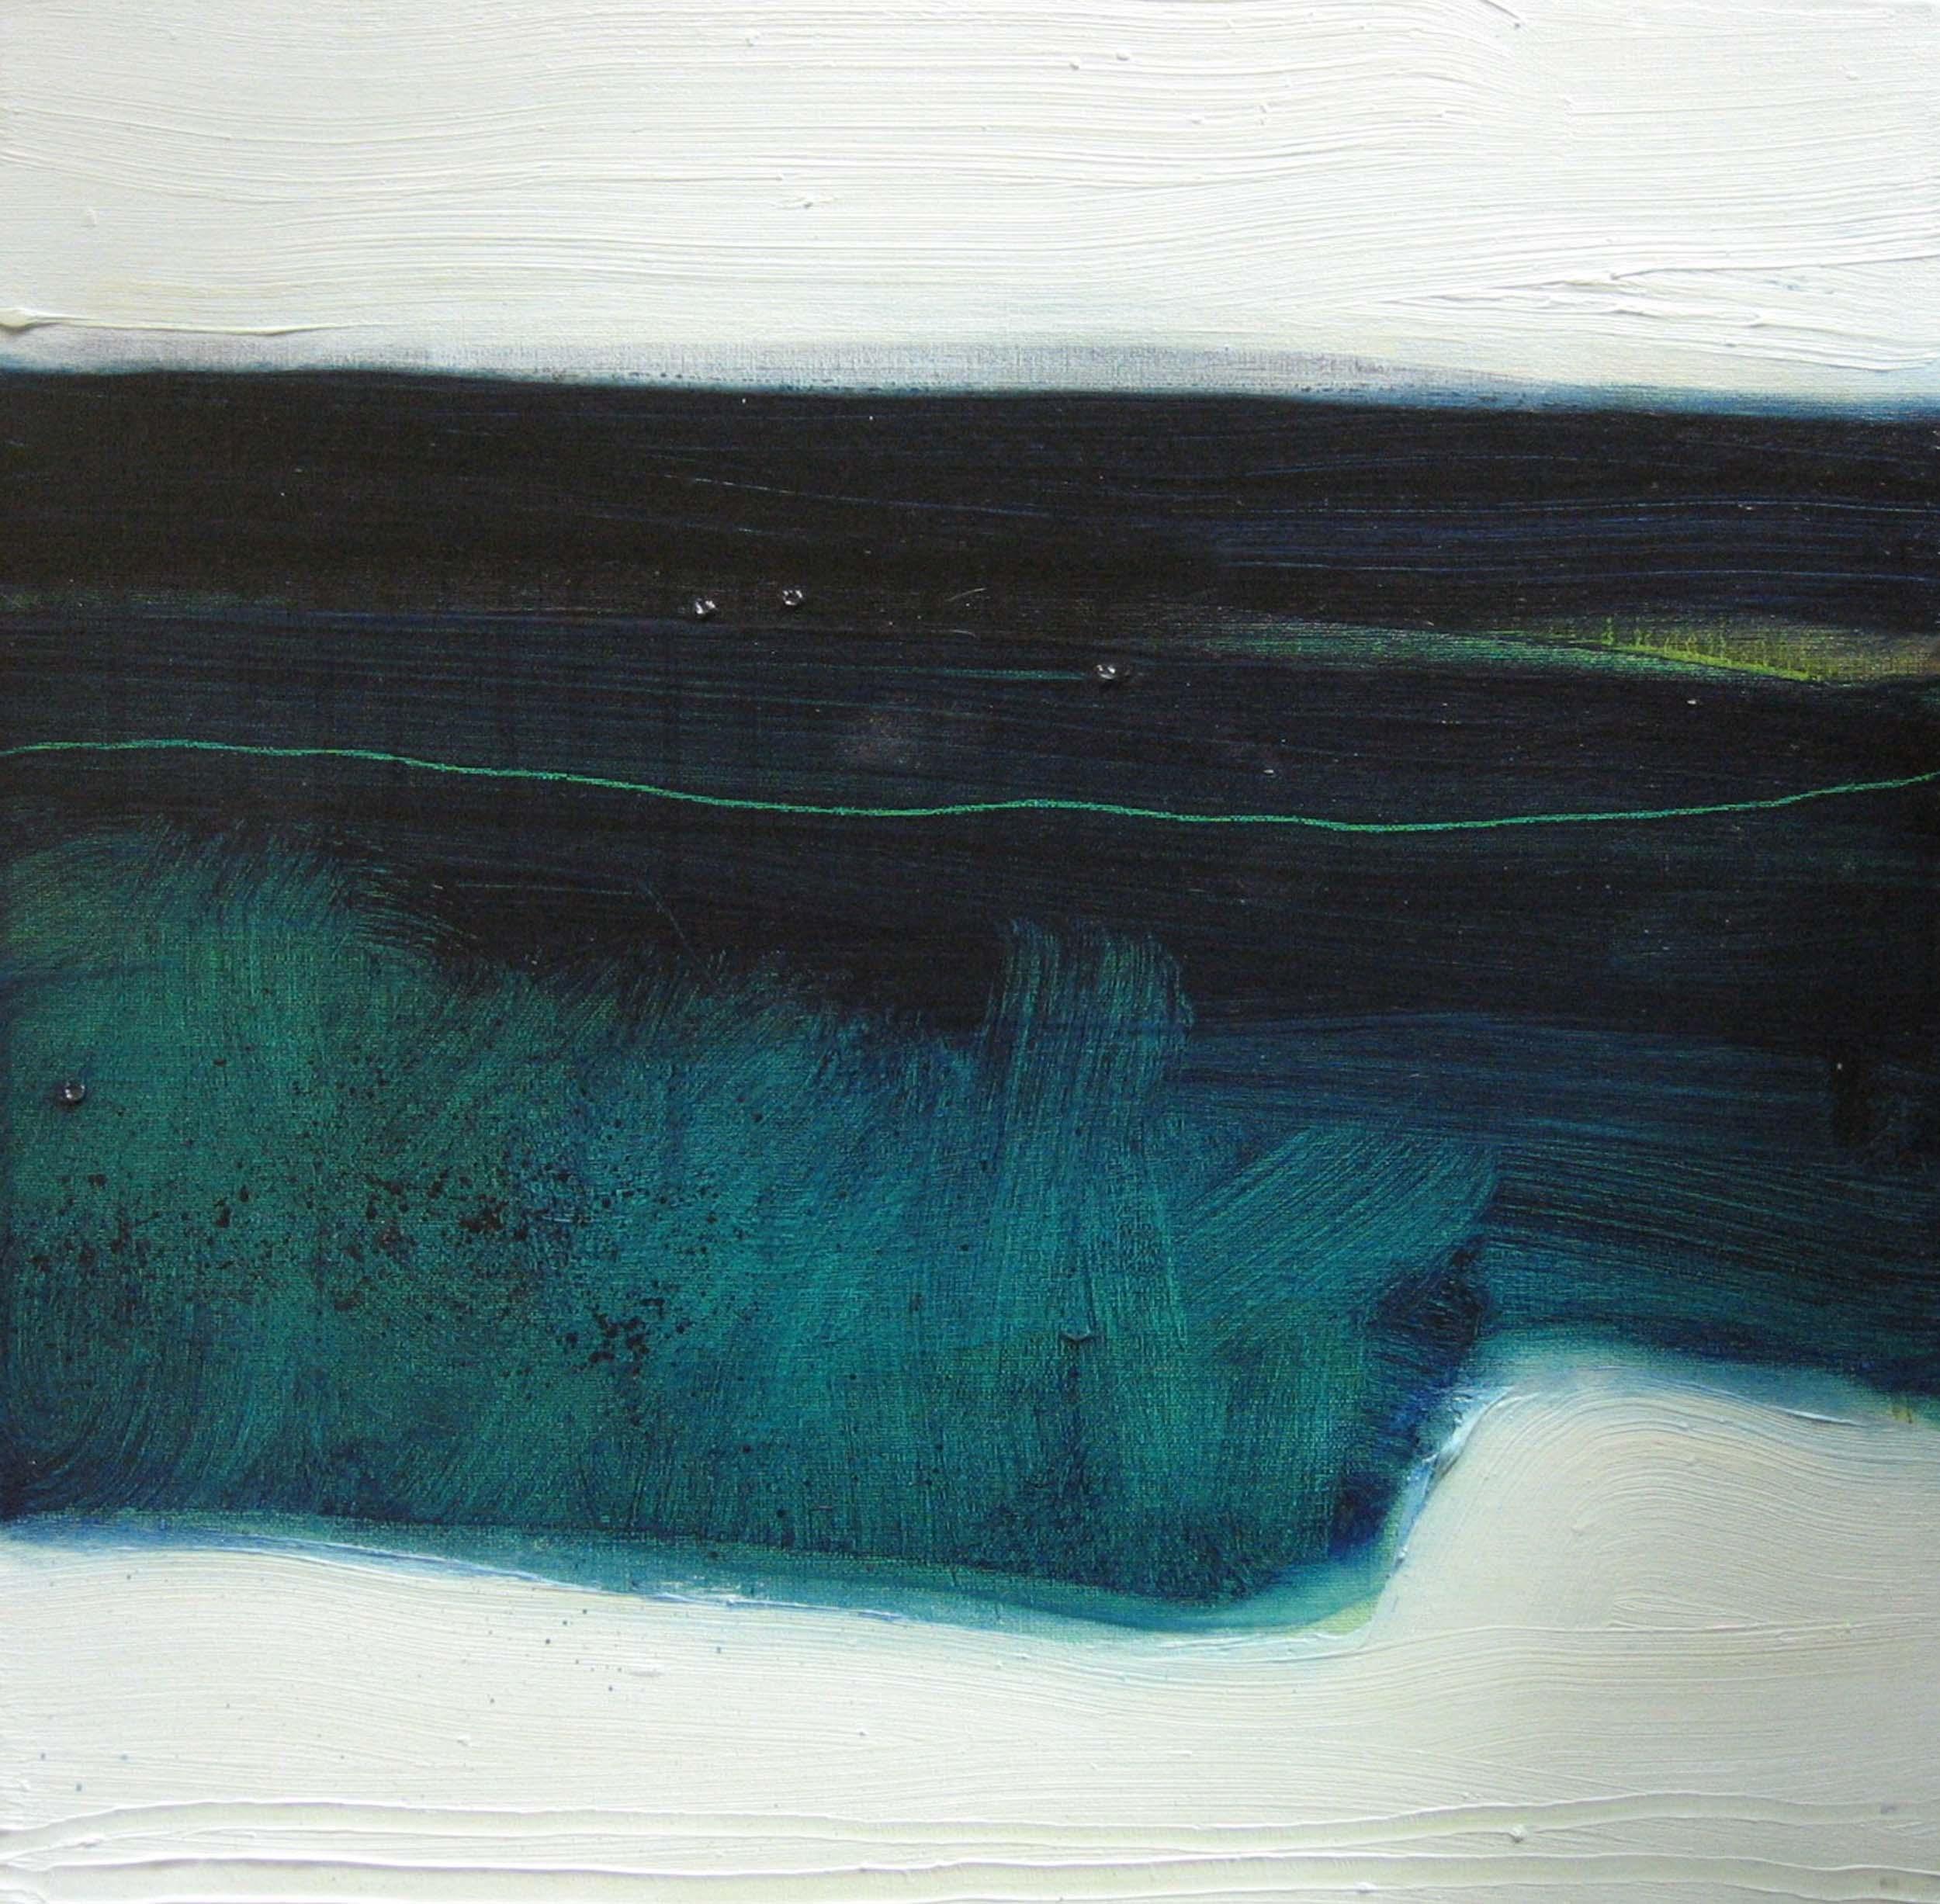 Leah Beggs 2009  - January Dusk - Oil on Canvas  - 41 x 41 cm (1)_sml.jpg